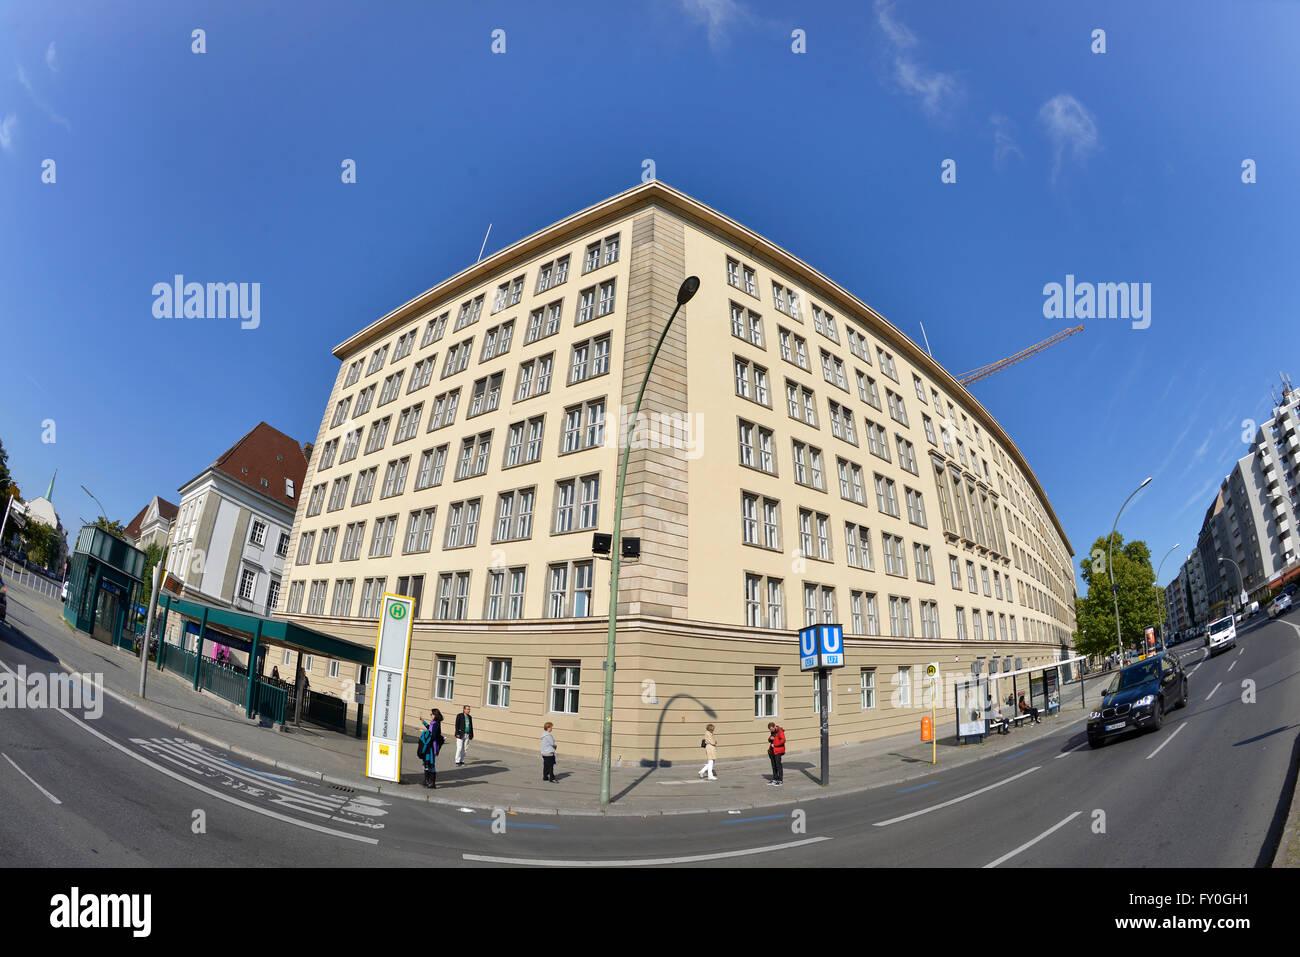 Blickfang Baumarkt Berlin Schöneberg Referenz Von , Potsdamer Strasse 188, Schoeneberg, Berlin, Deutschland